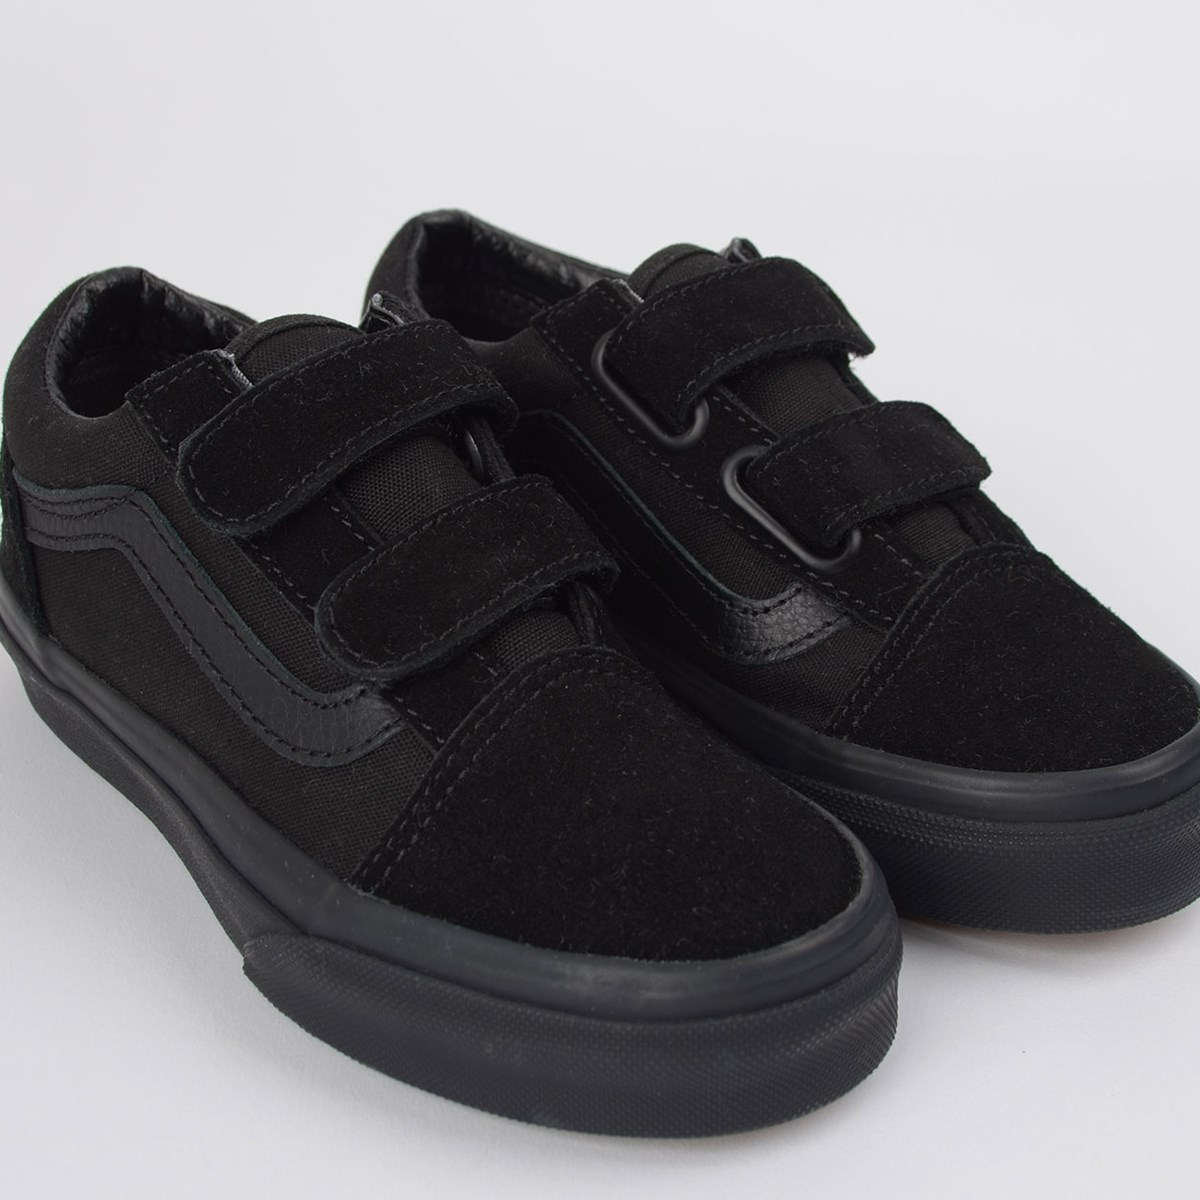 Tênis Vans Kids Old Skool V Black Black VN000VHEENR